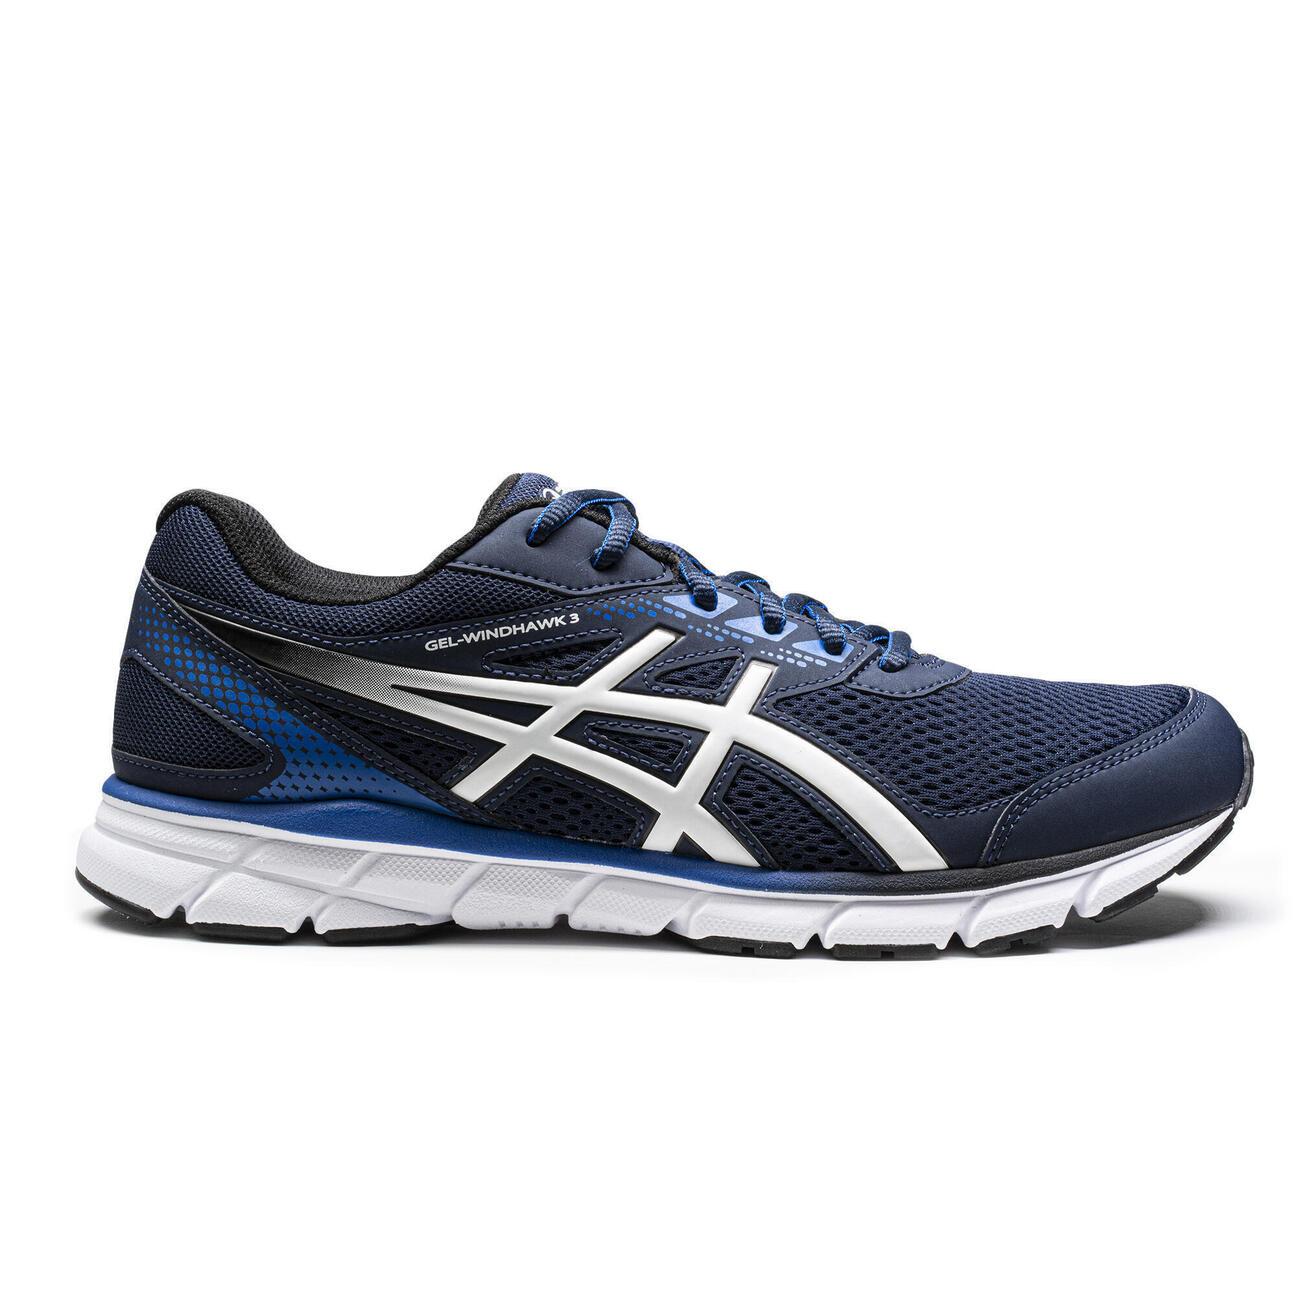 Paire de chaussures de running ASICS GEL WINDHAWK